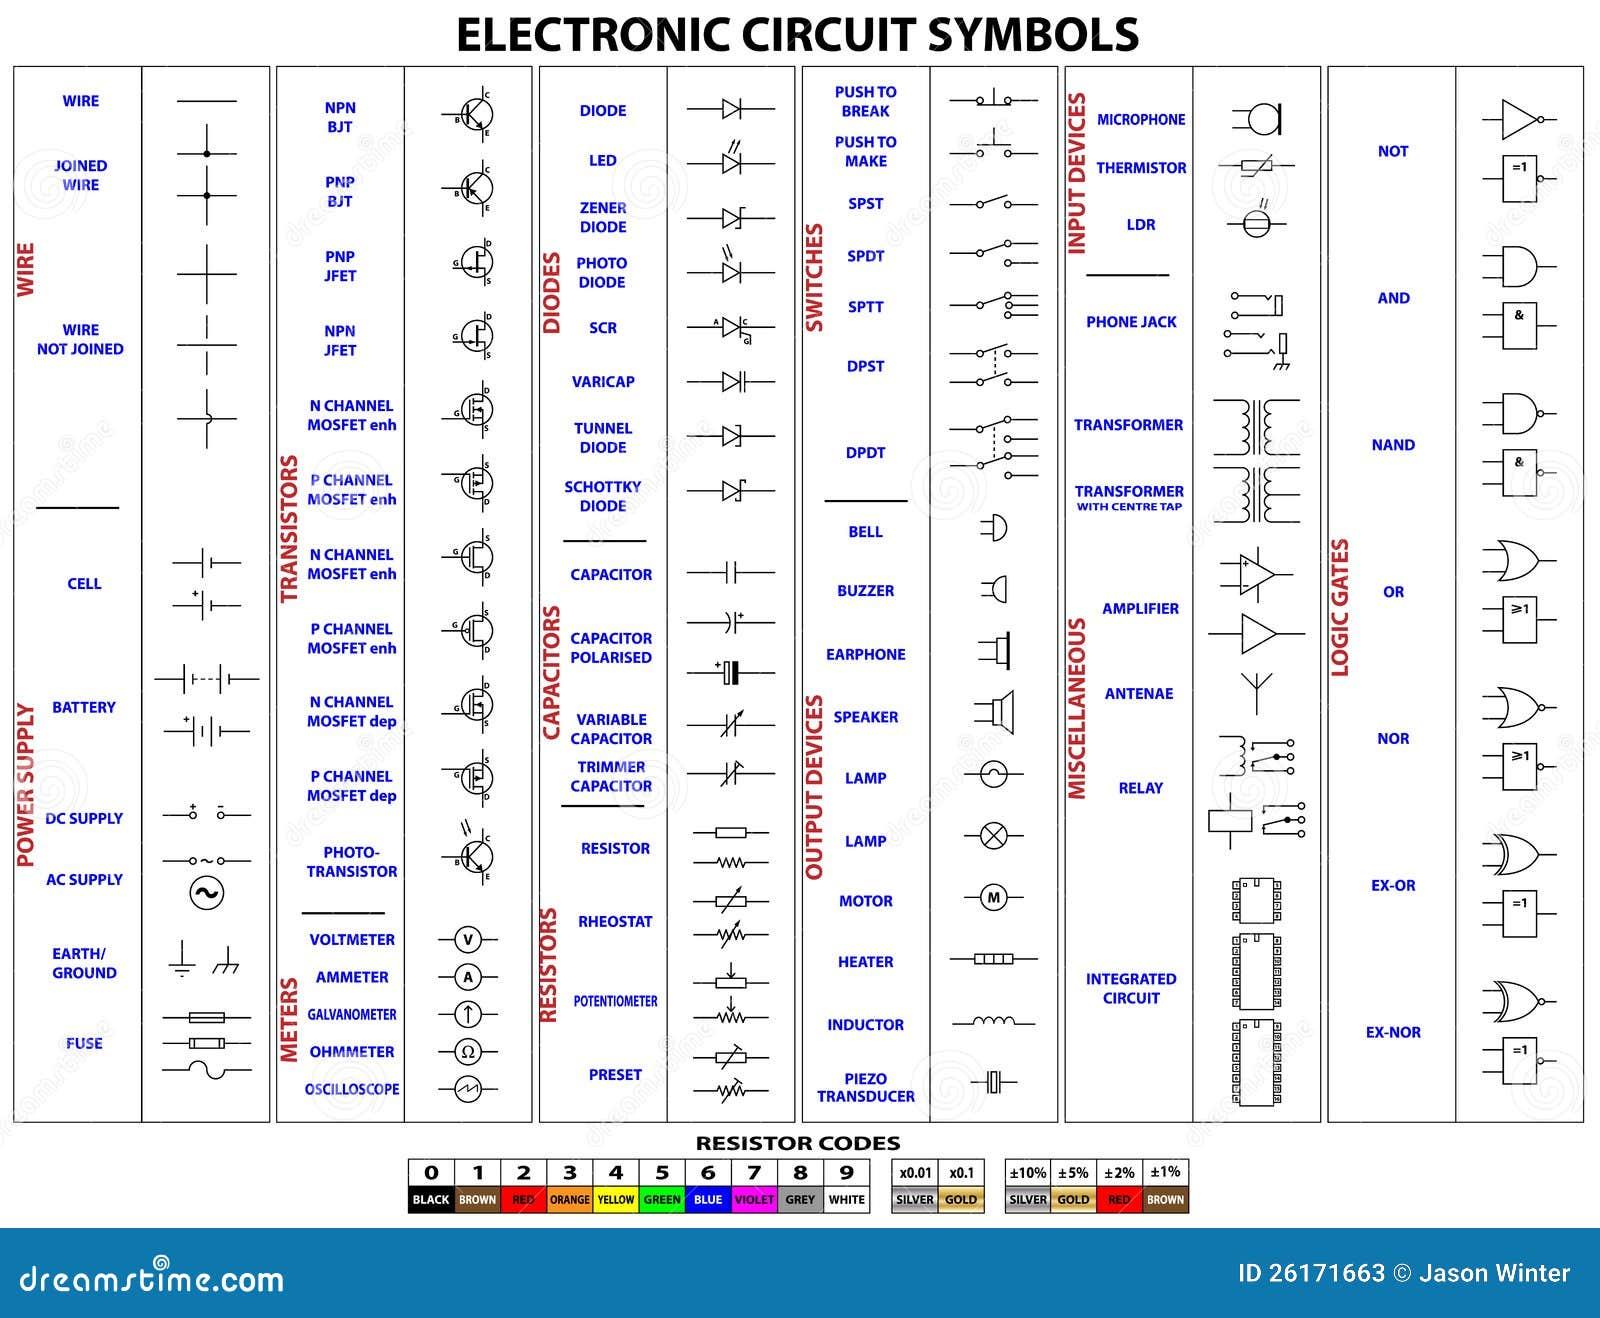 Schema Elettrico Simboli : Simboli di circuito elettronico illustrazione vettoriale